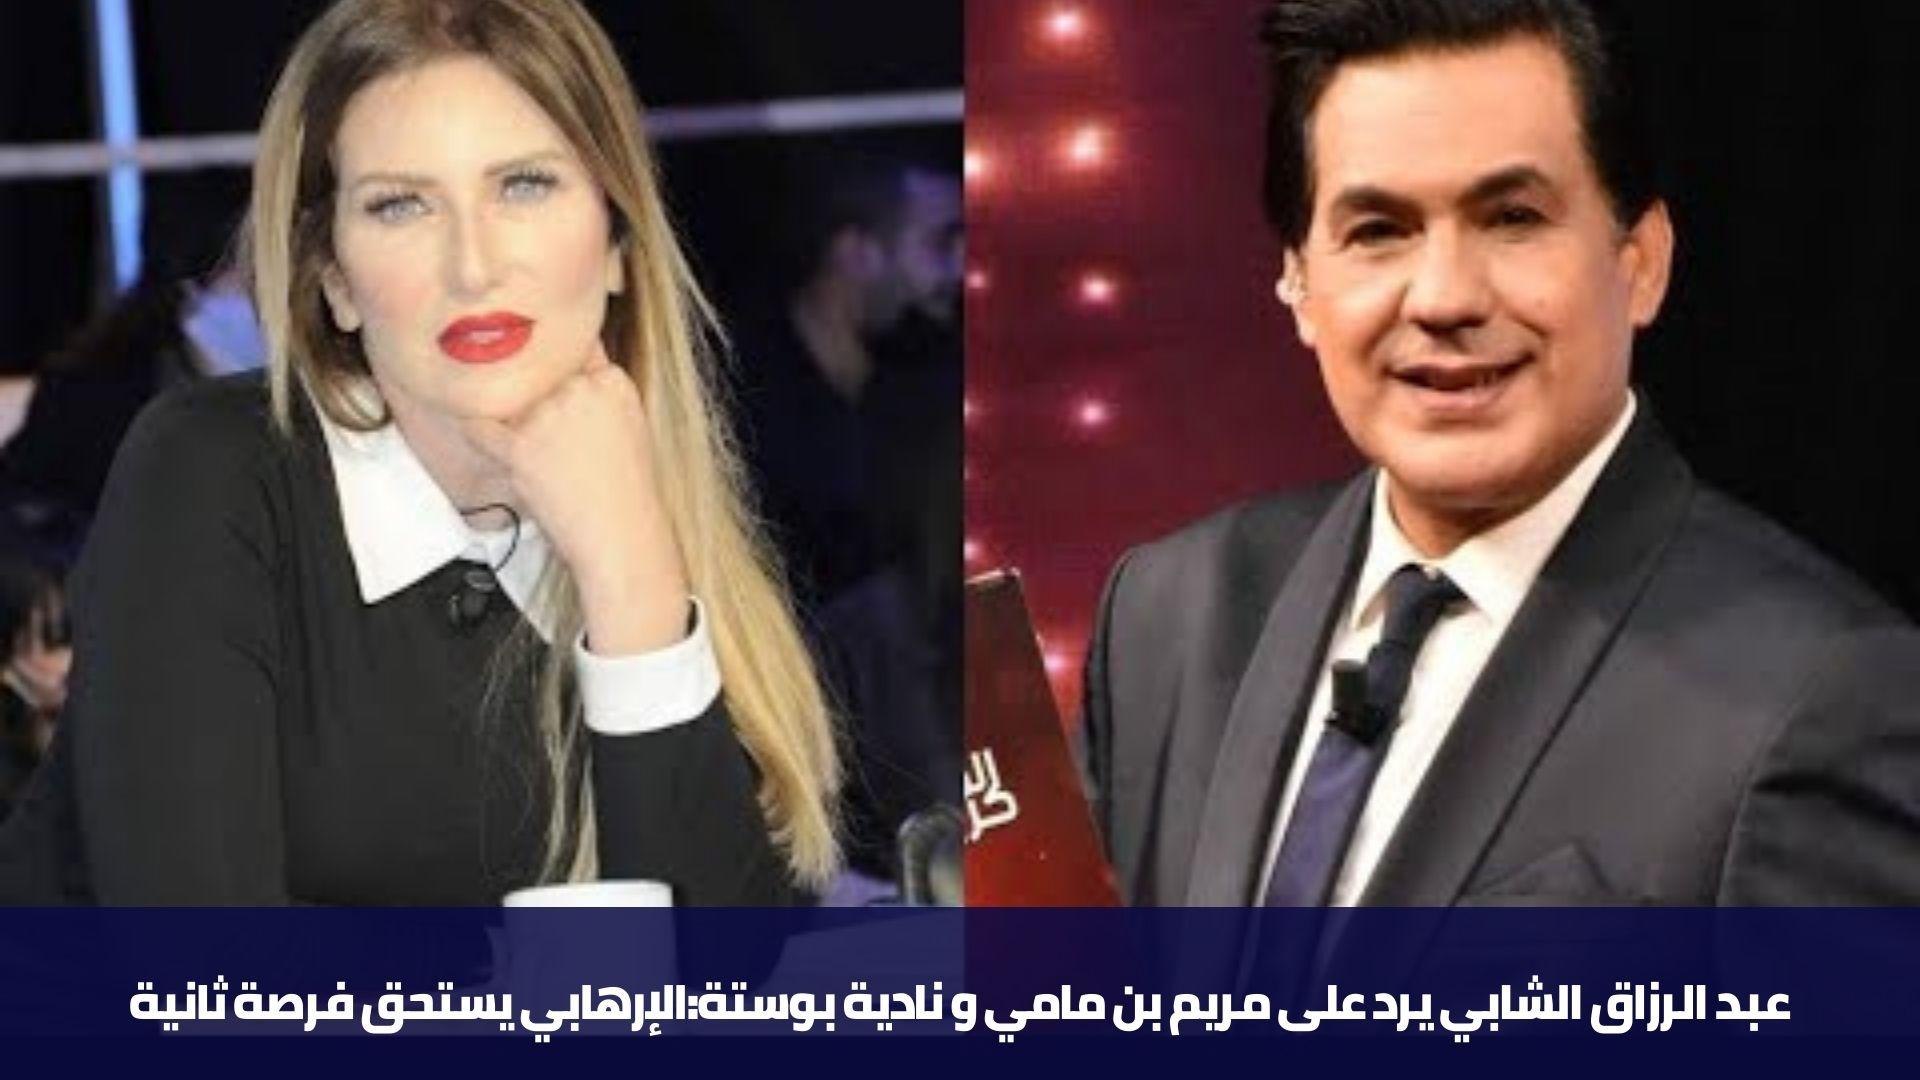 عبد الرزاق الشابي يرد على مريم بن مامي و نادية بوستة:الإرهابي يستحق فرصة ثانية